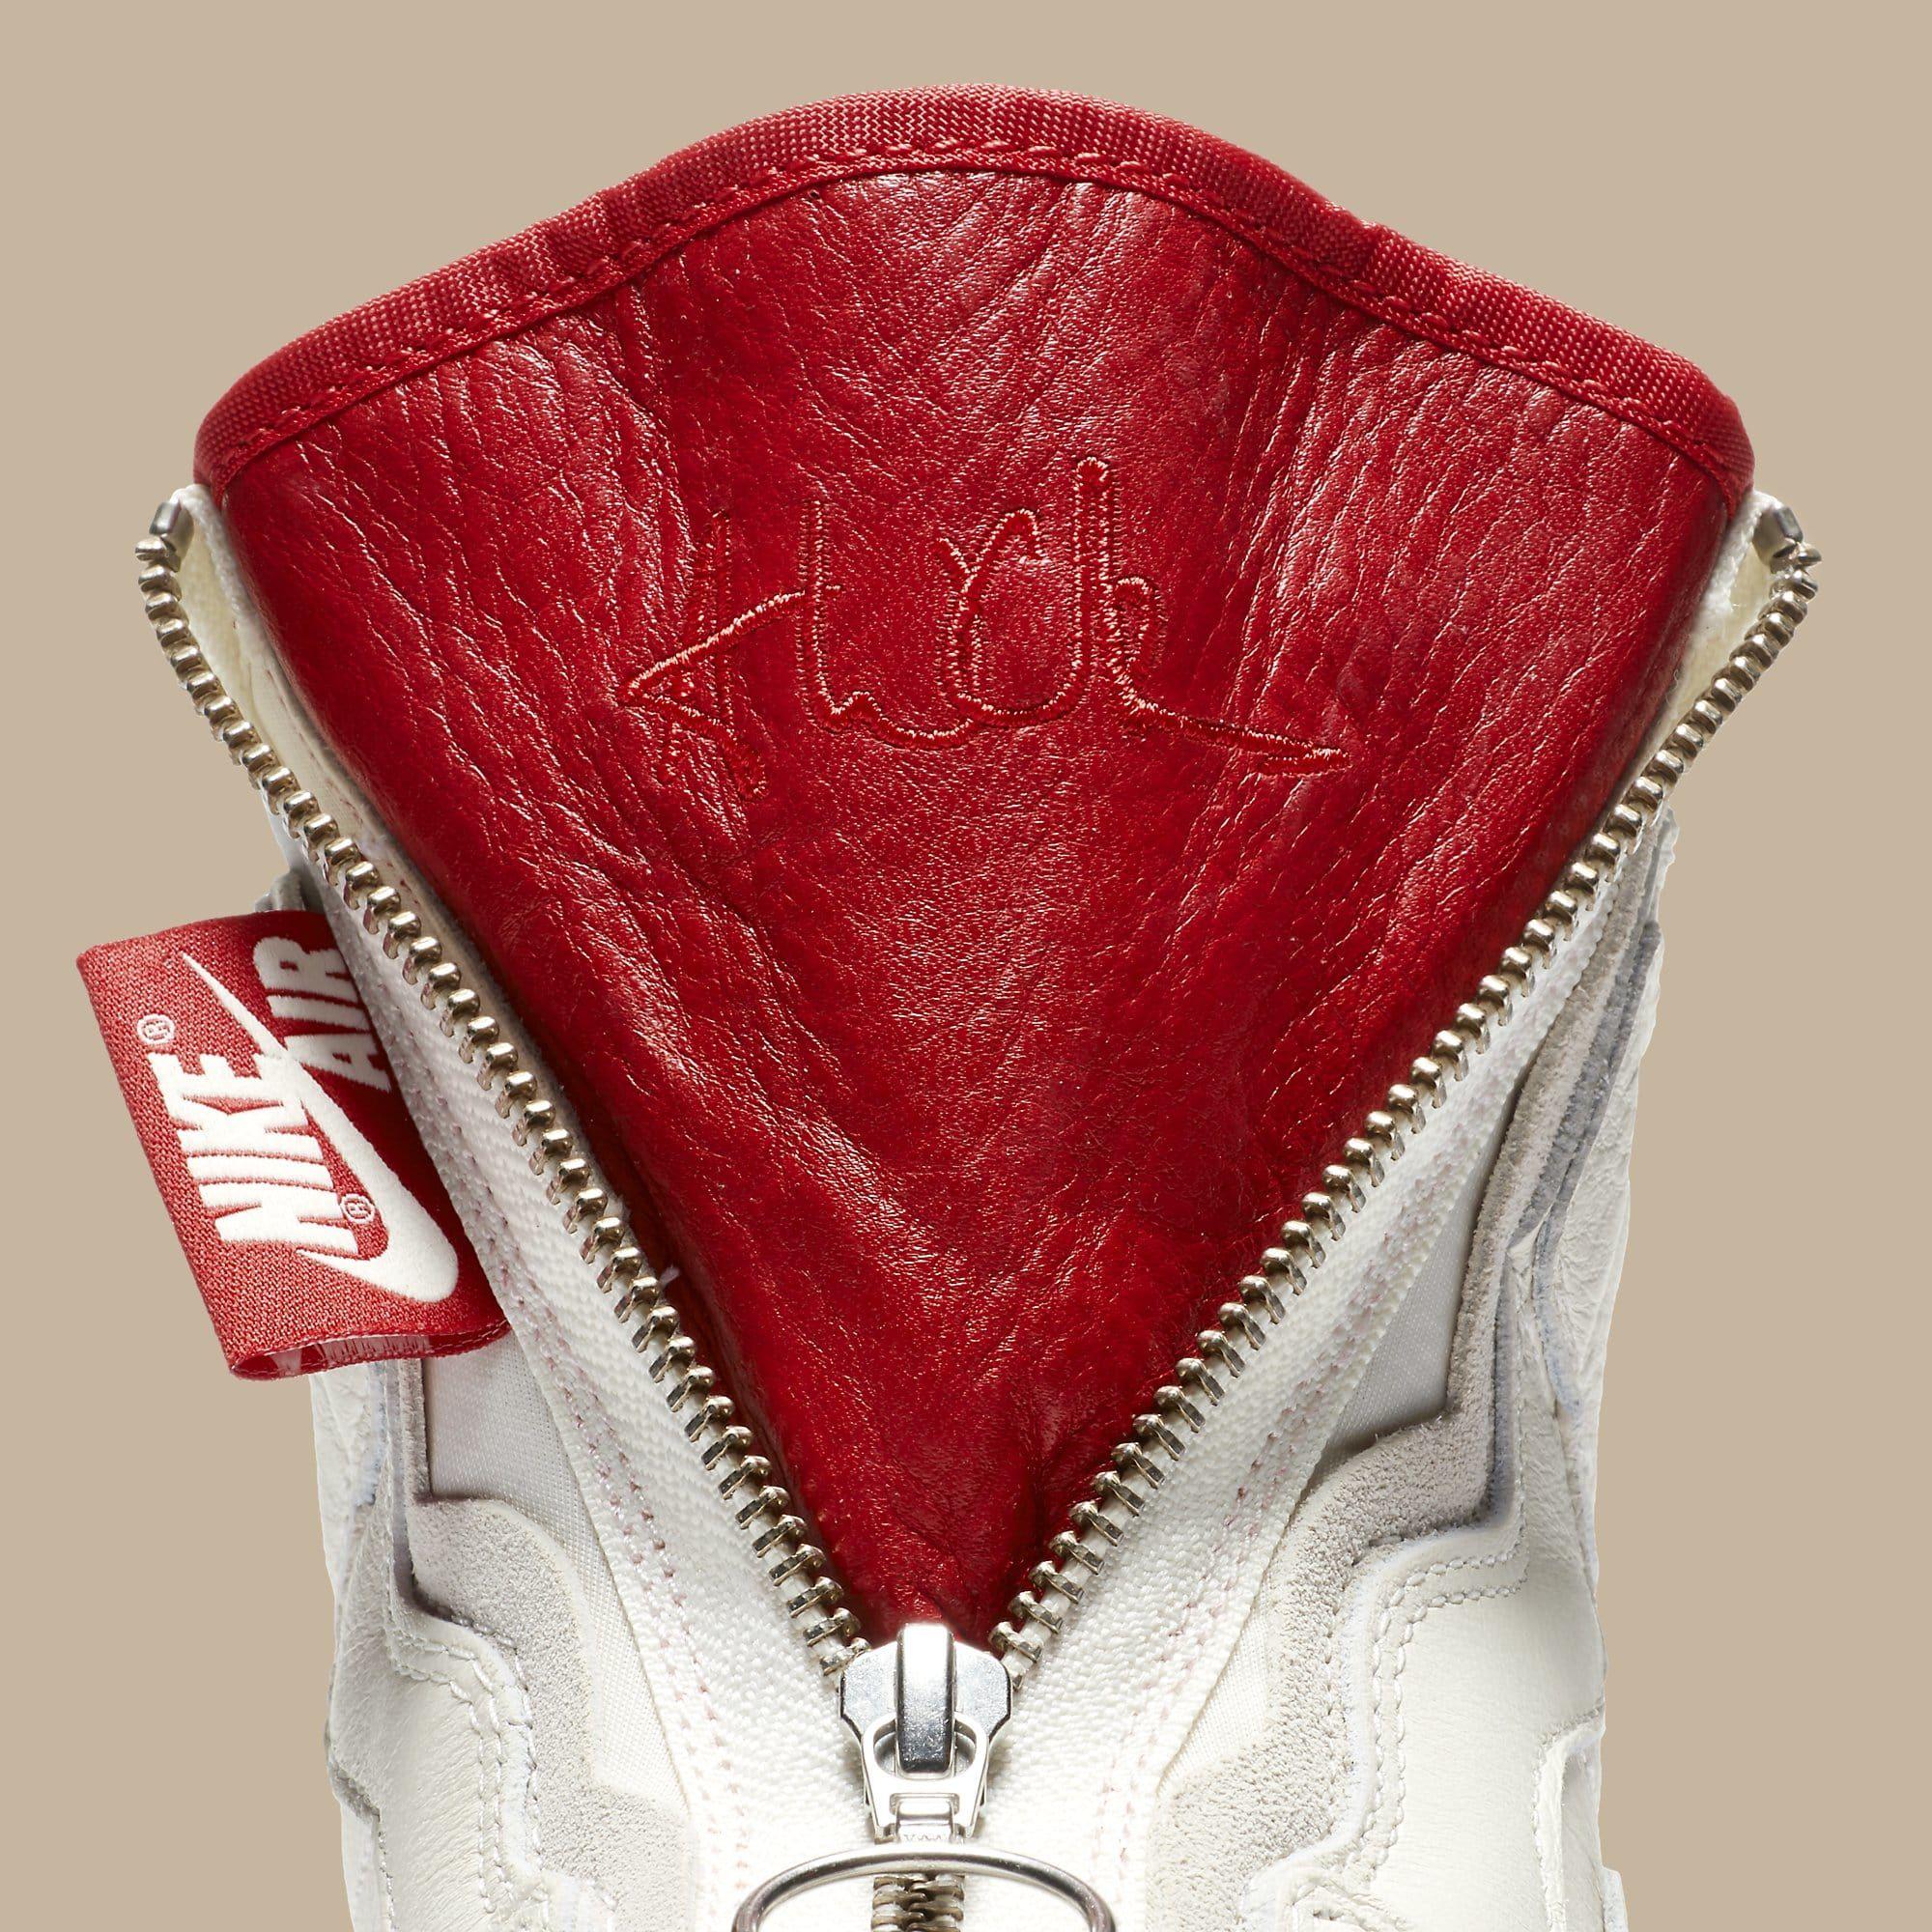 new style 5bb1c 7ed68 Nike Air Jordan I